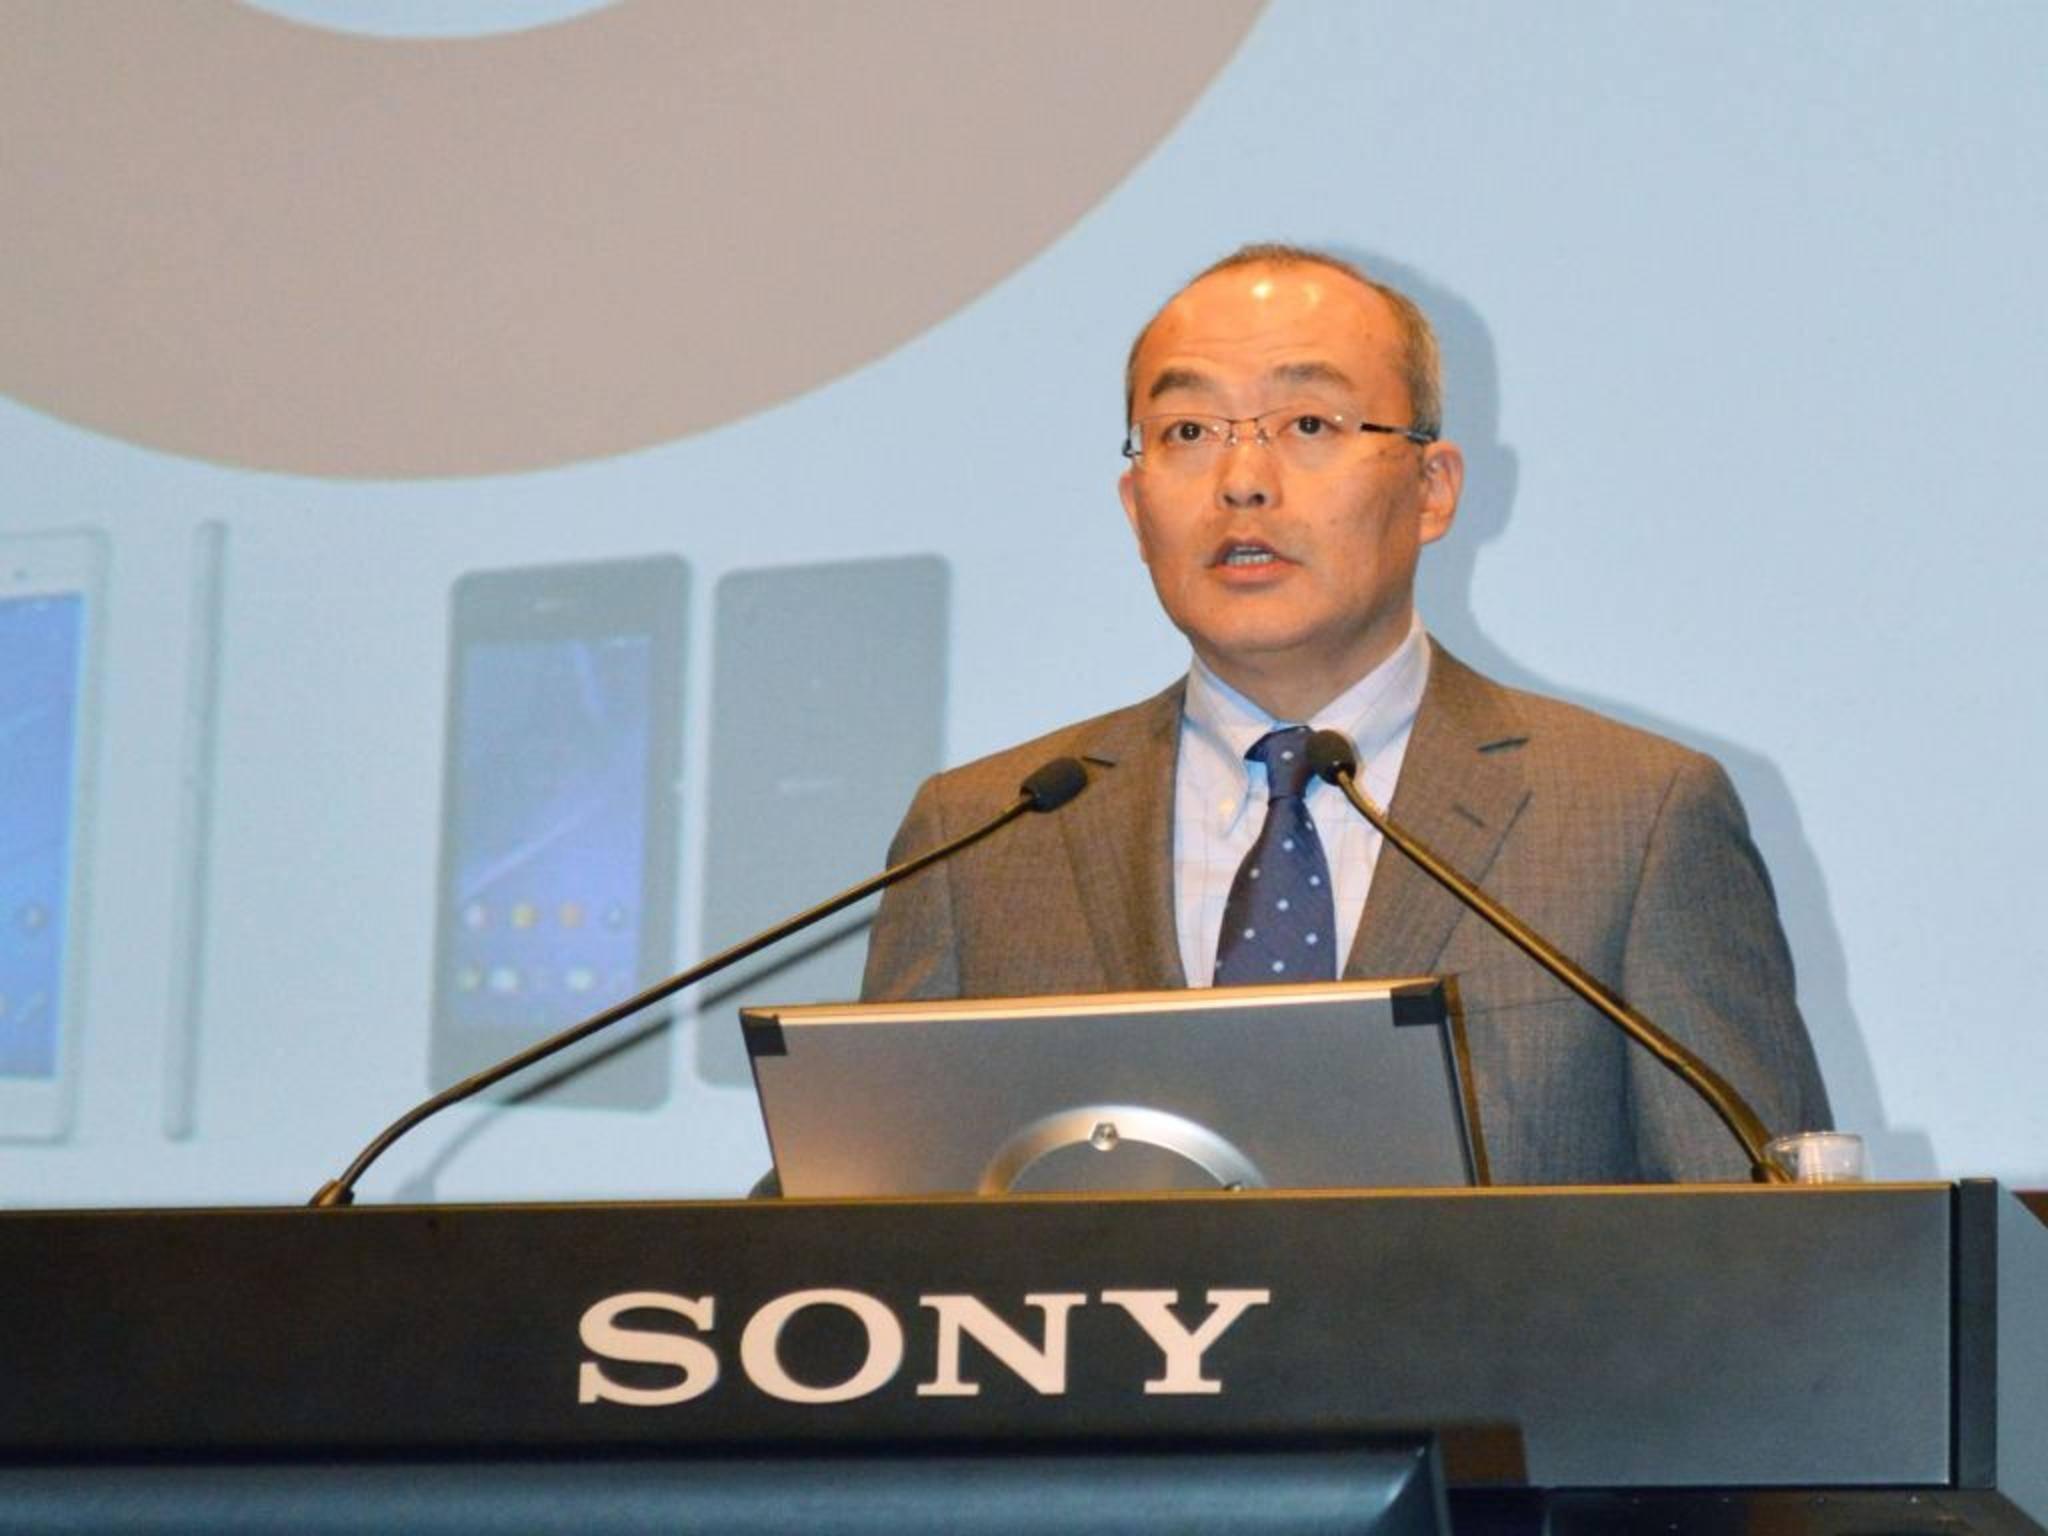 Herbe Verluste: Sonys Mobile-Chef Hiroki Totoki kündigt Einsparungen an.